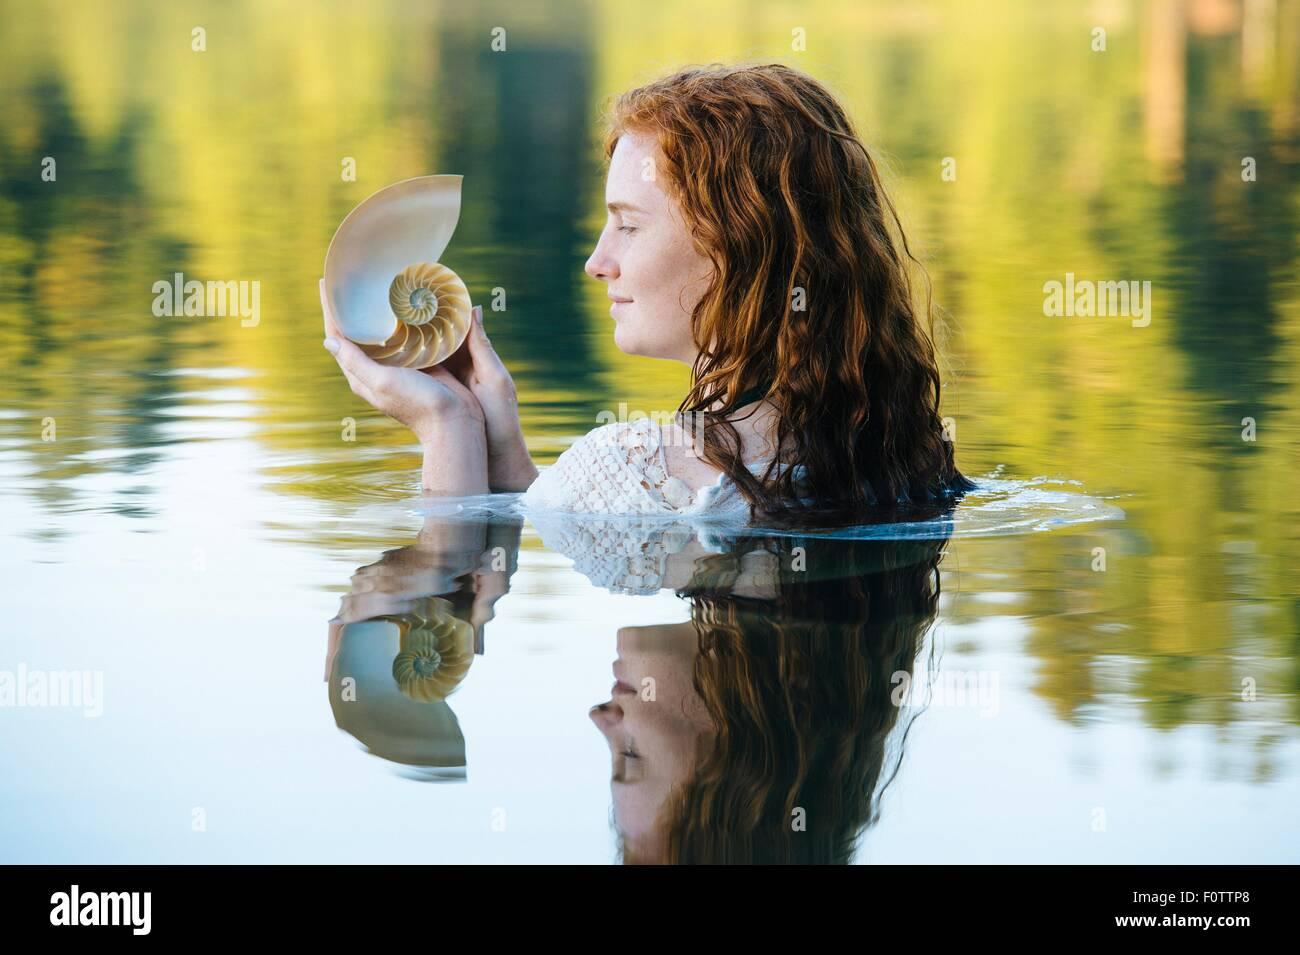 La testa e le spalle del giovane donna con lunghi capelli rossi nel lago guardando a conchiglia Immagini Stock